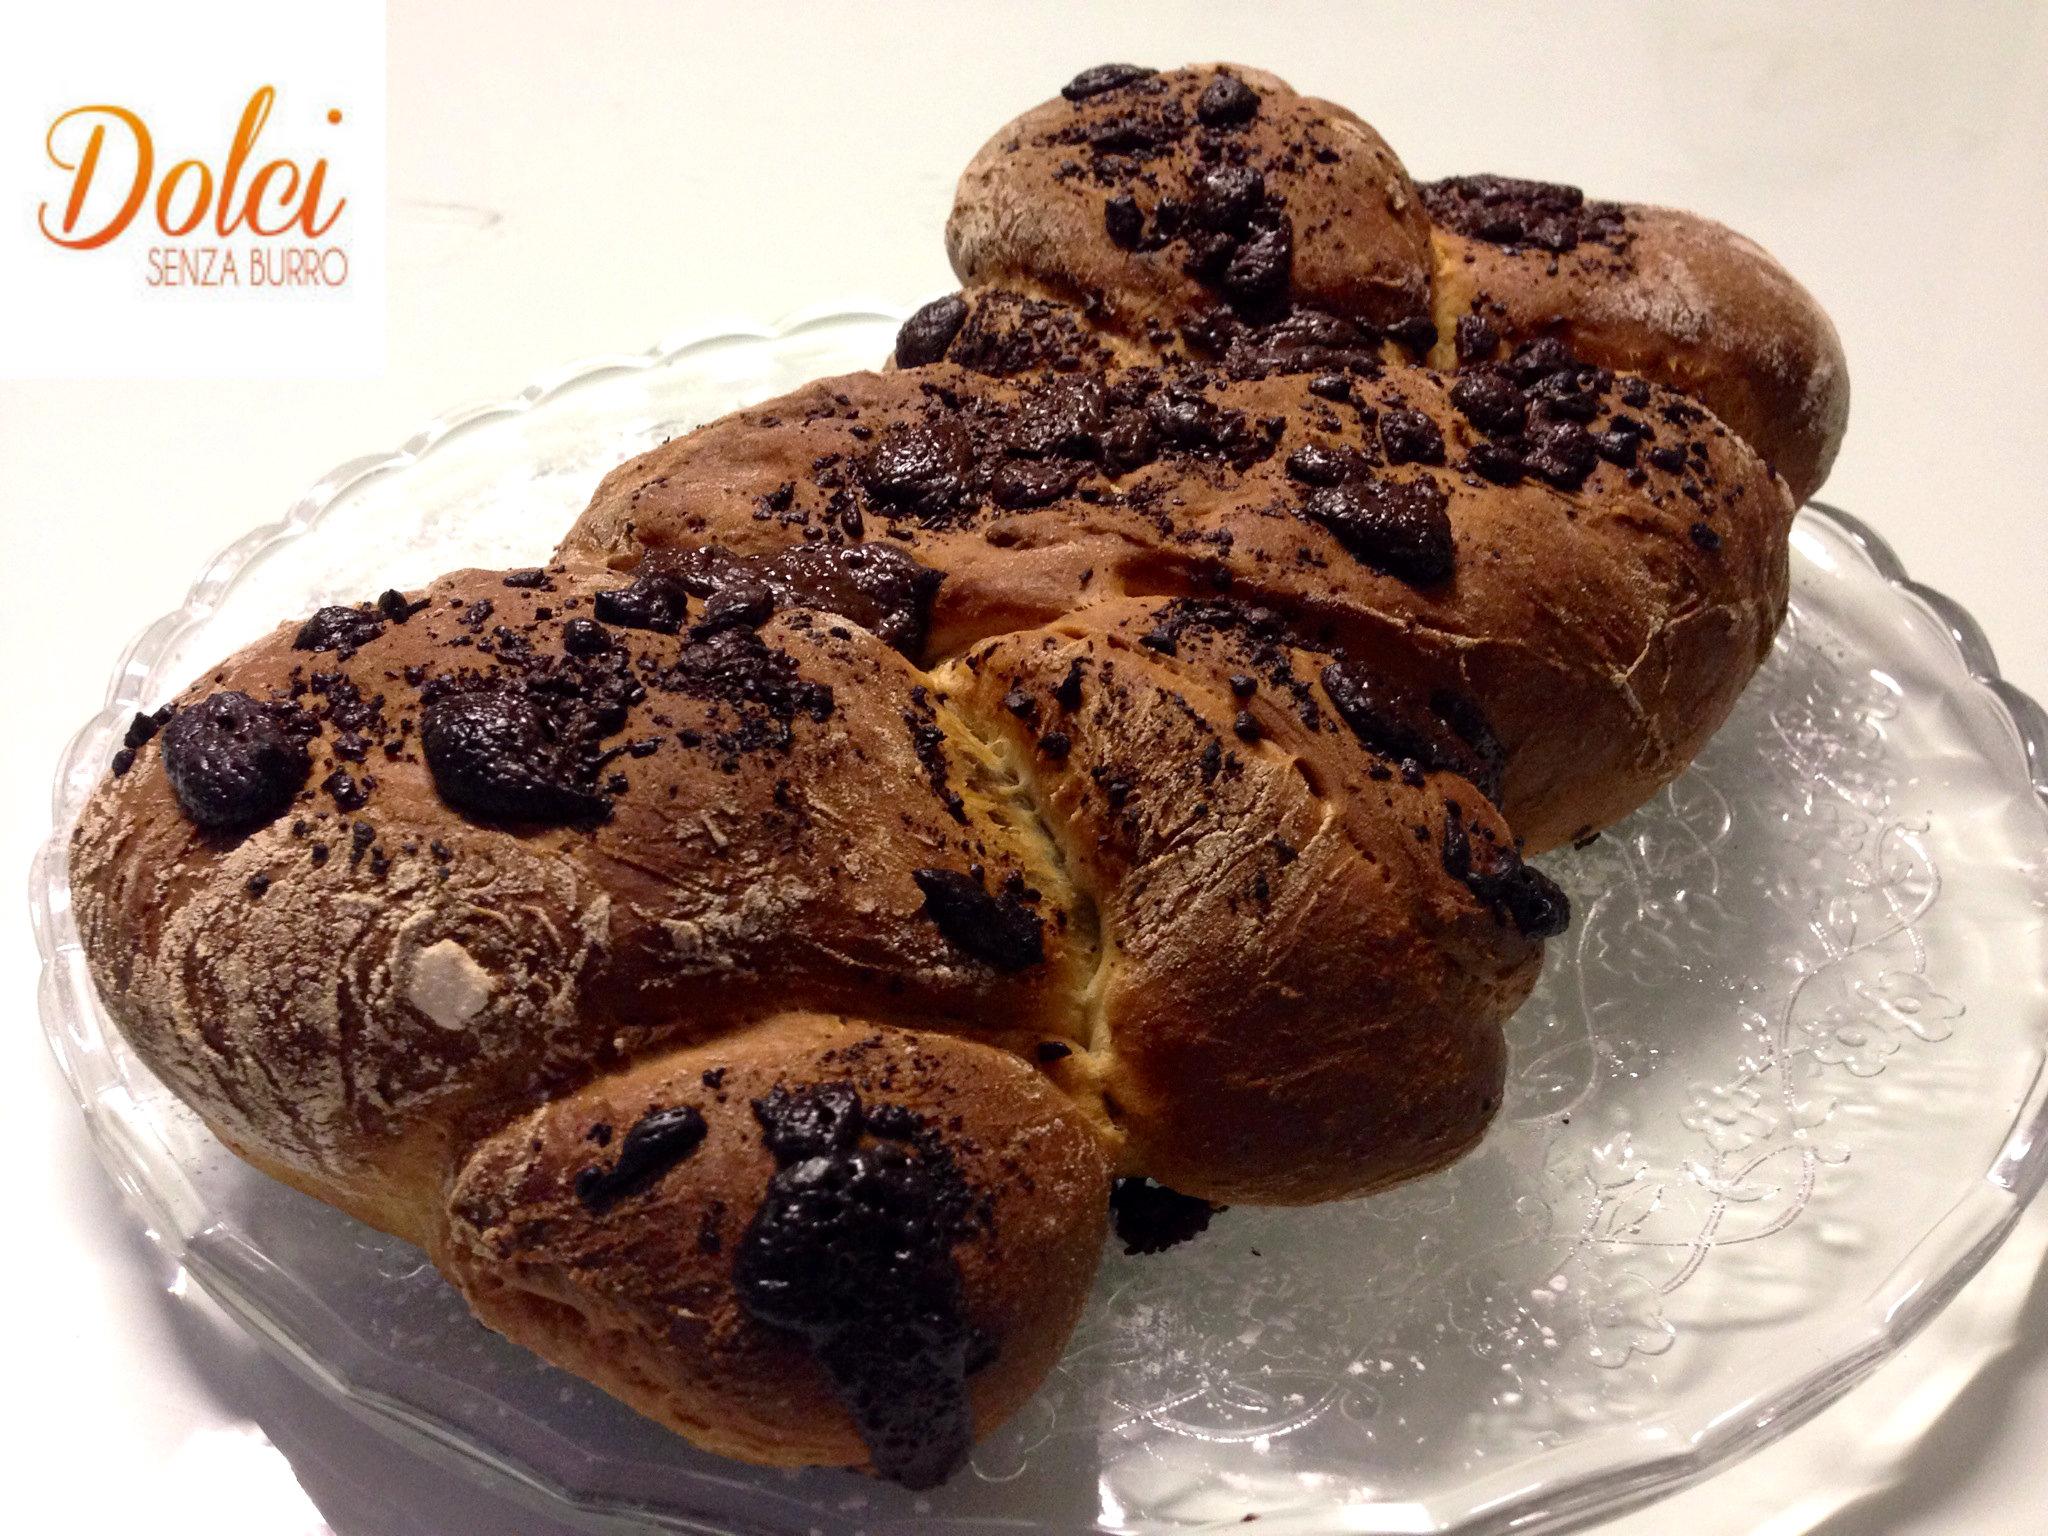 Treccia dolce senza burro al cioccolato dolci senza burro for Nuove ricette dolci